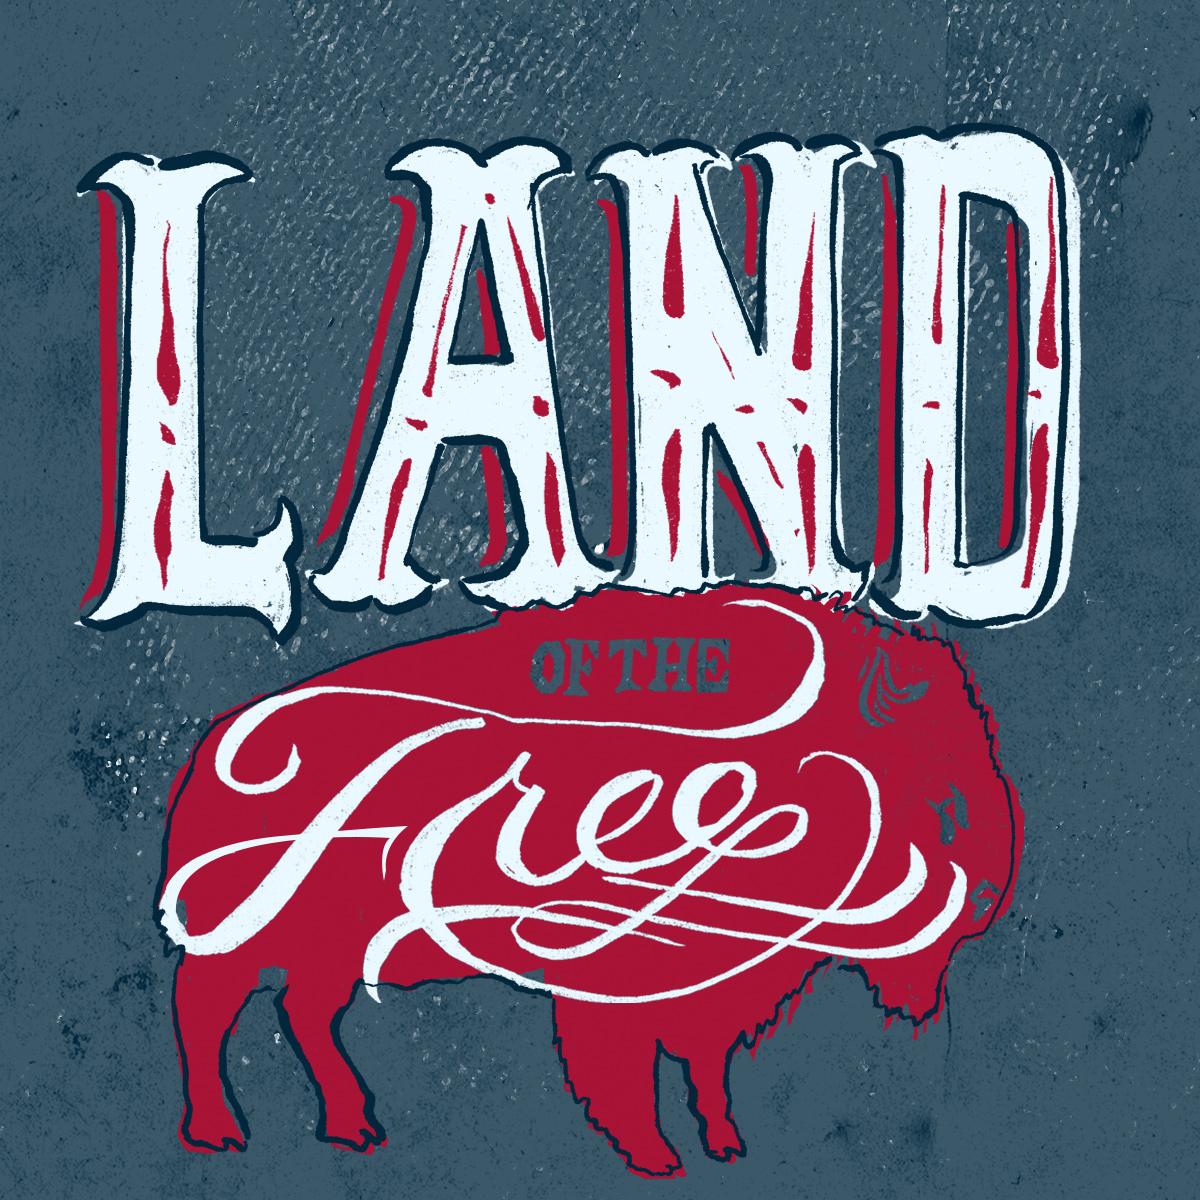 LandoftheFree